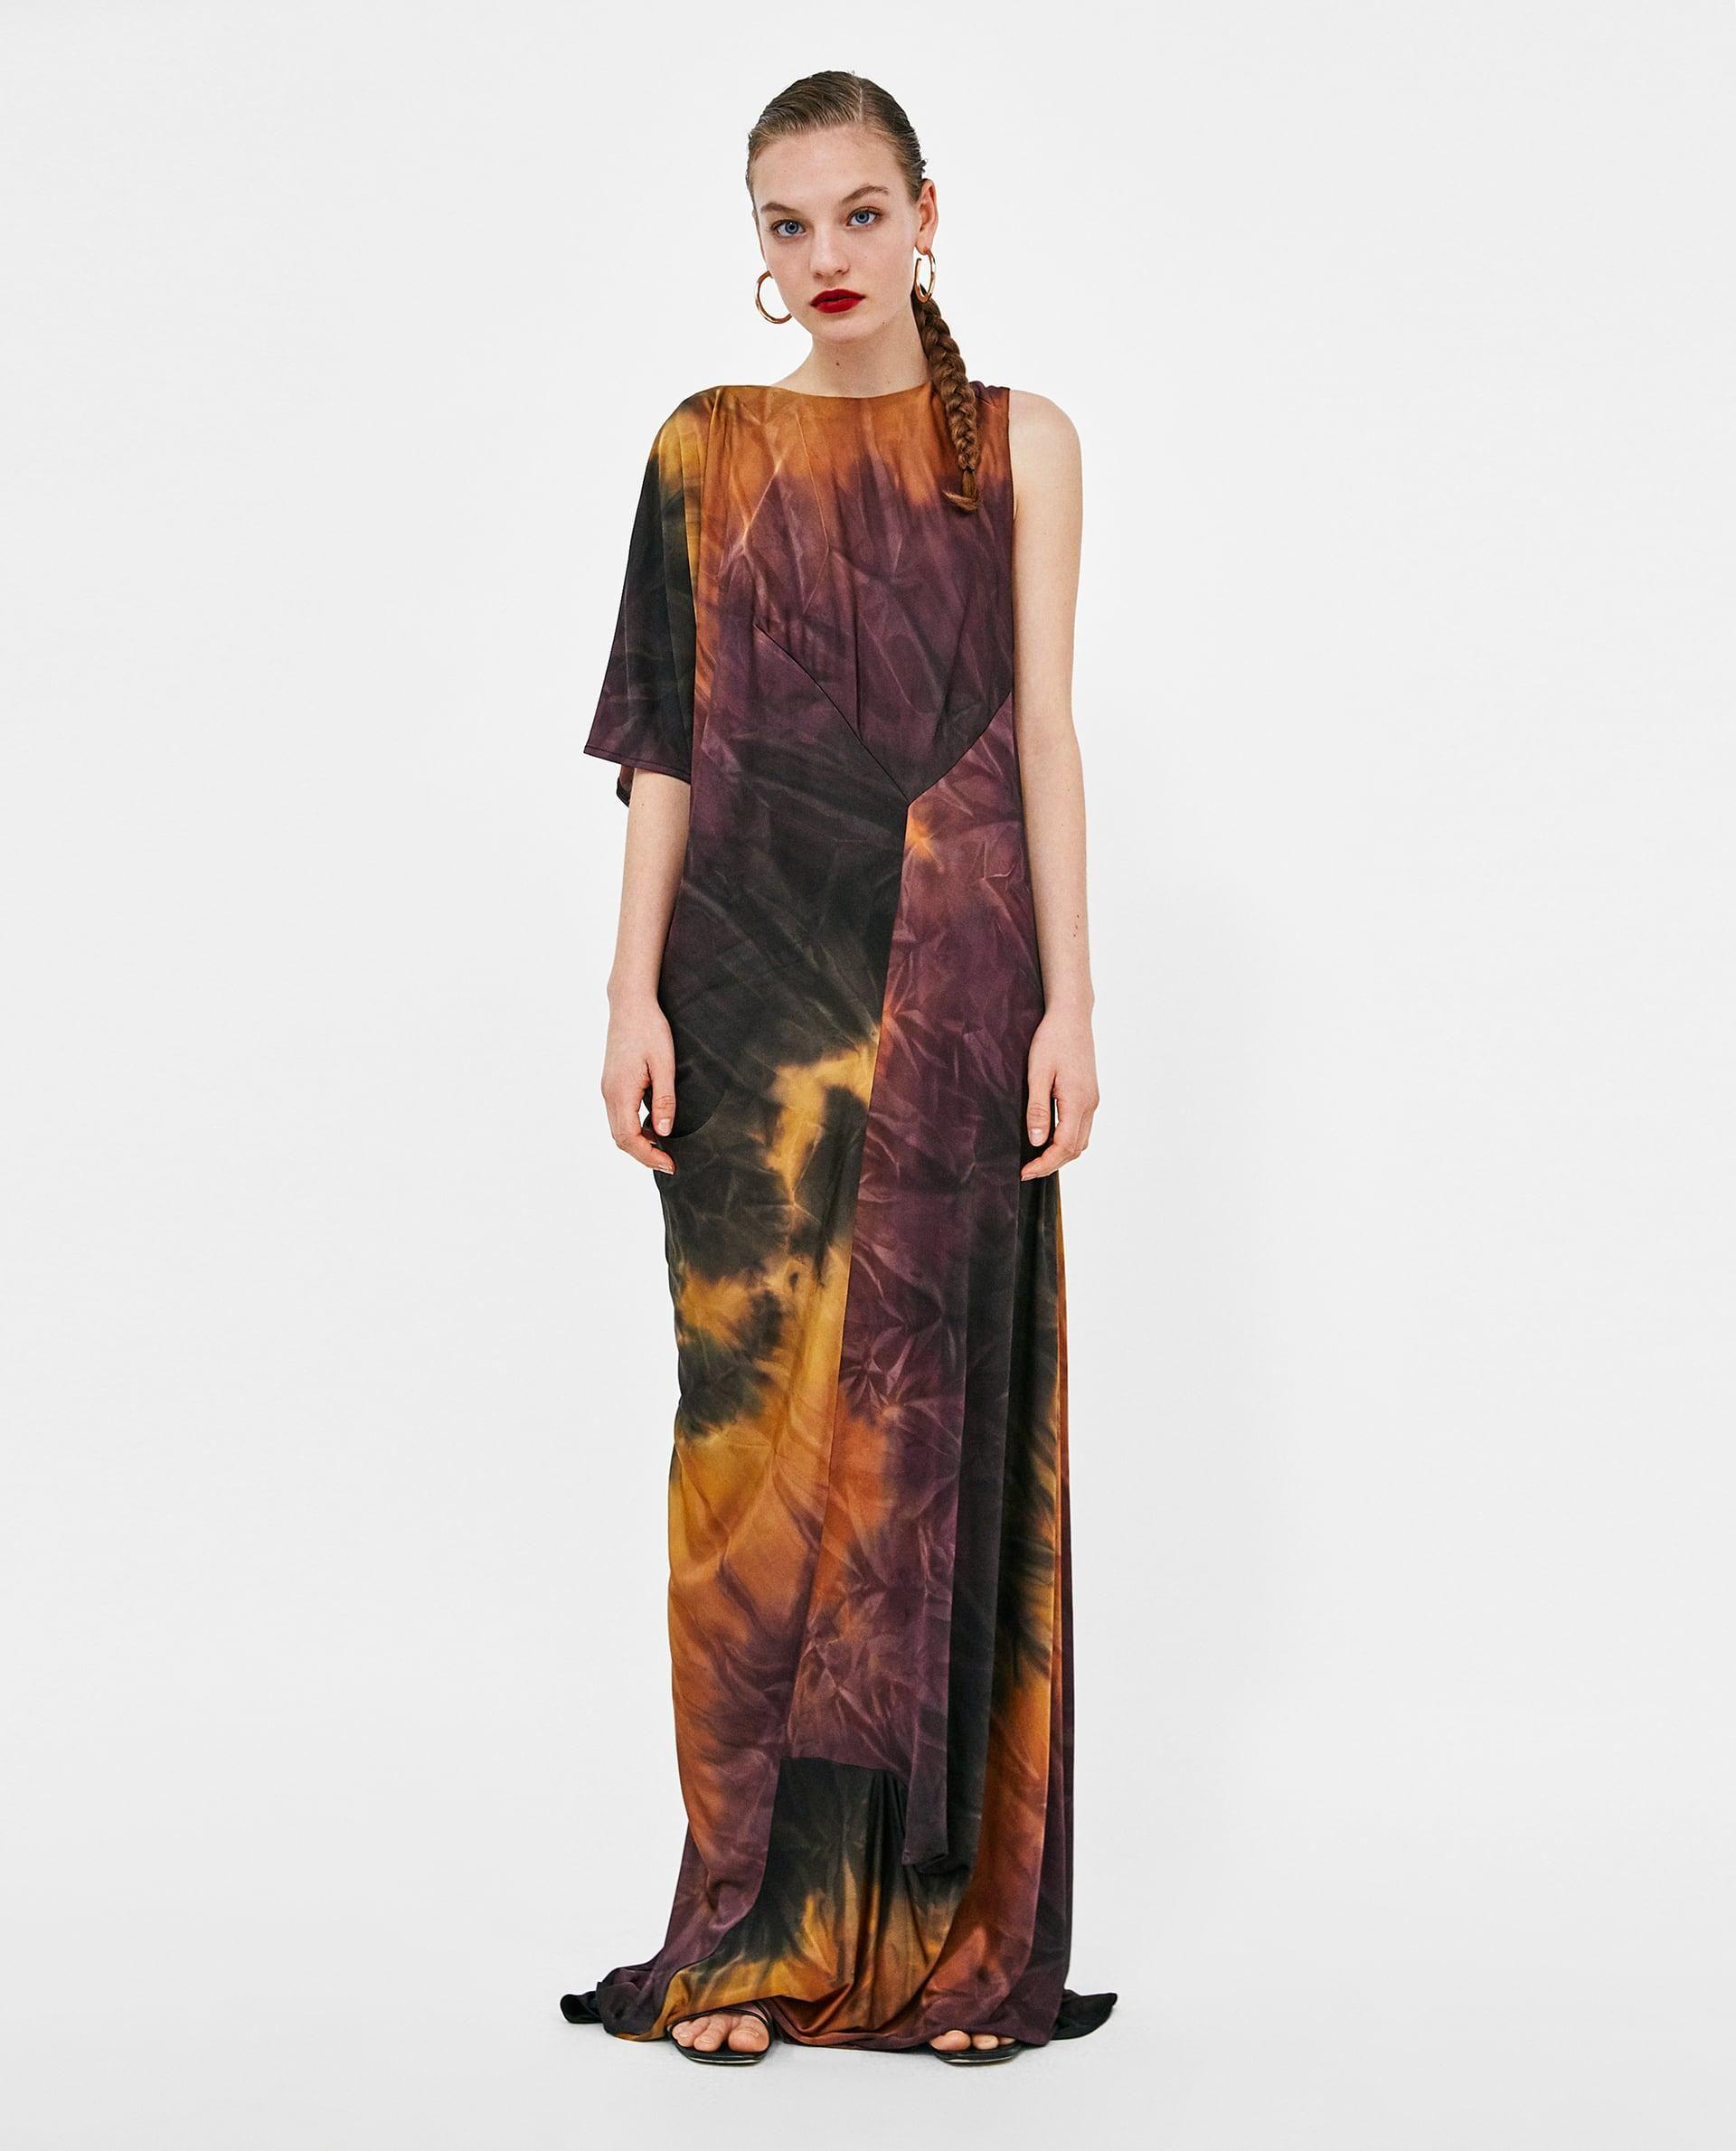 7dd31053 Tie-Dye Maxi Dress // 69.90 USD // Zara // Flowing maxi dress with ...